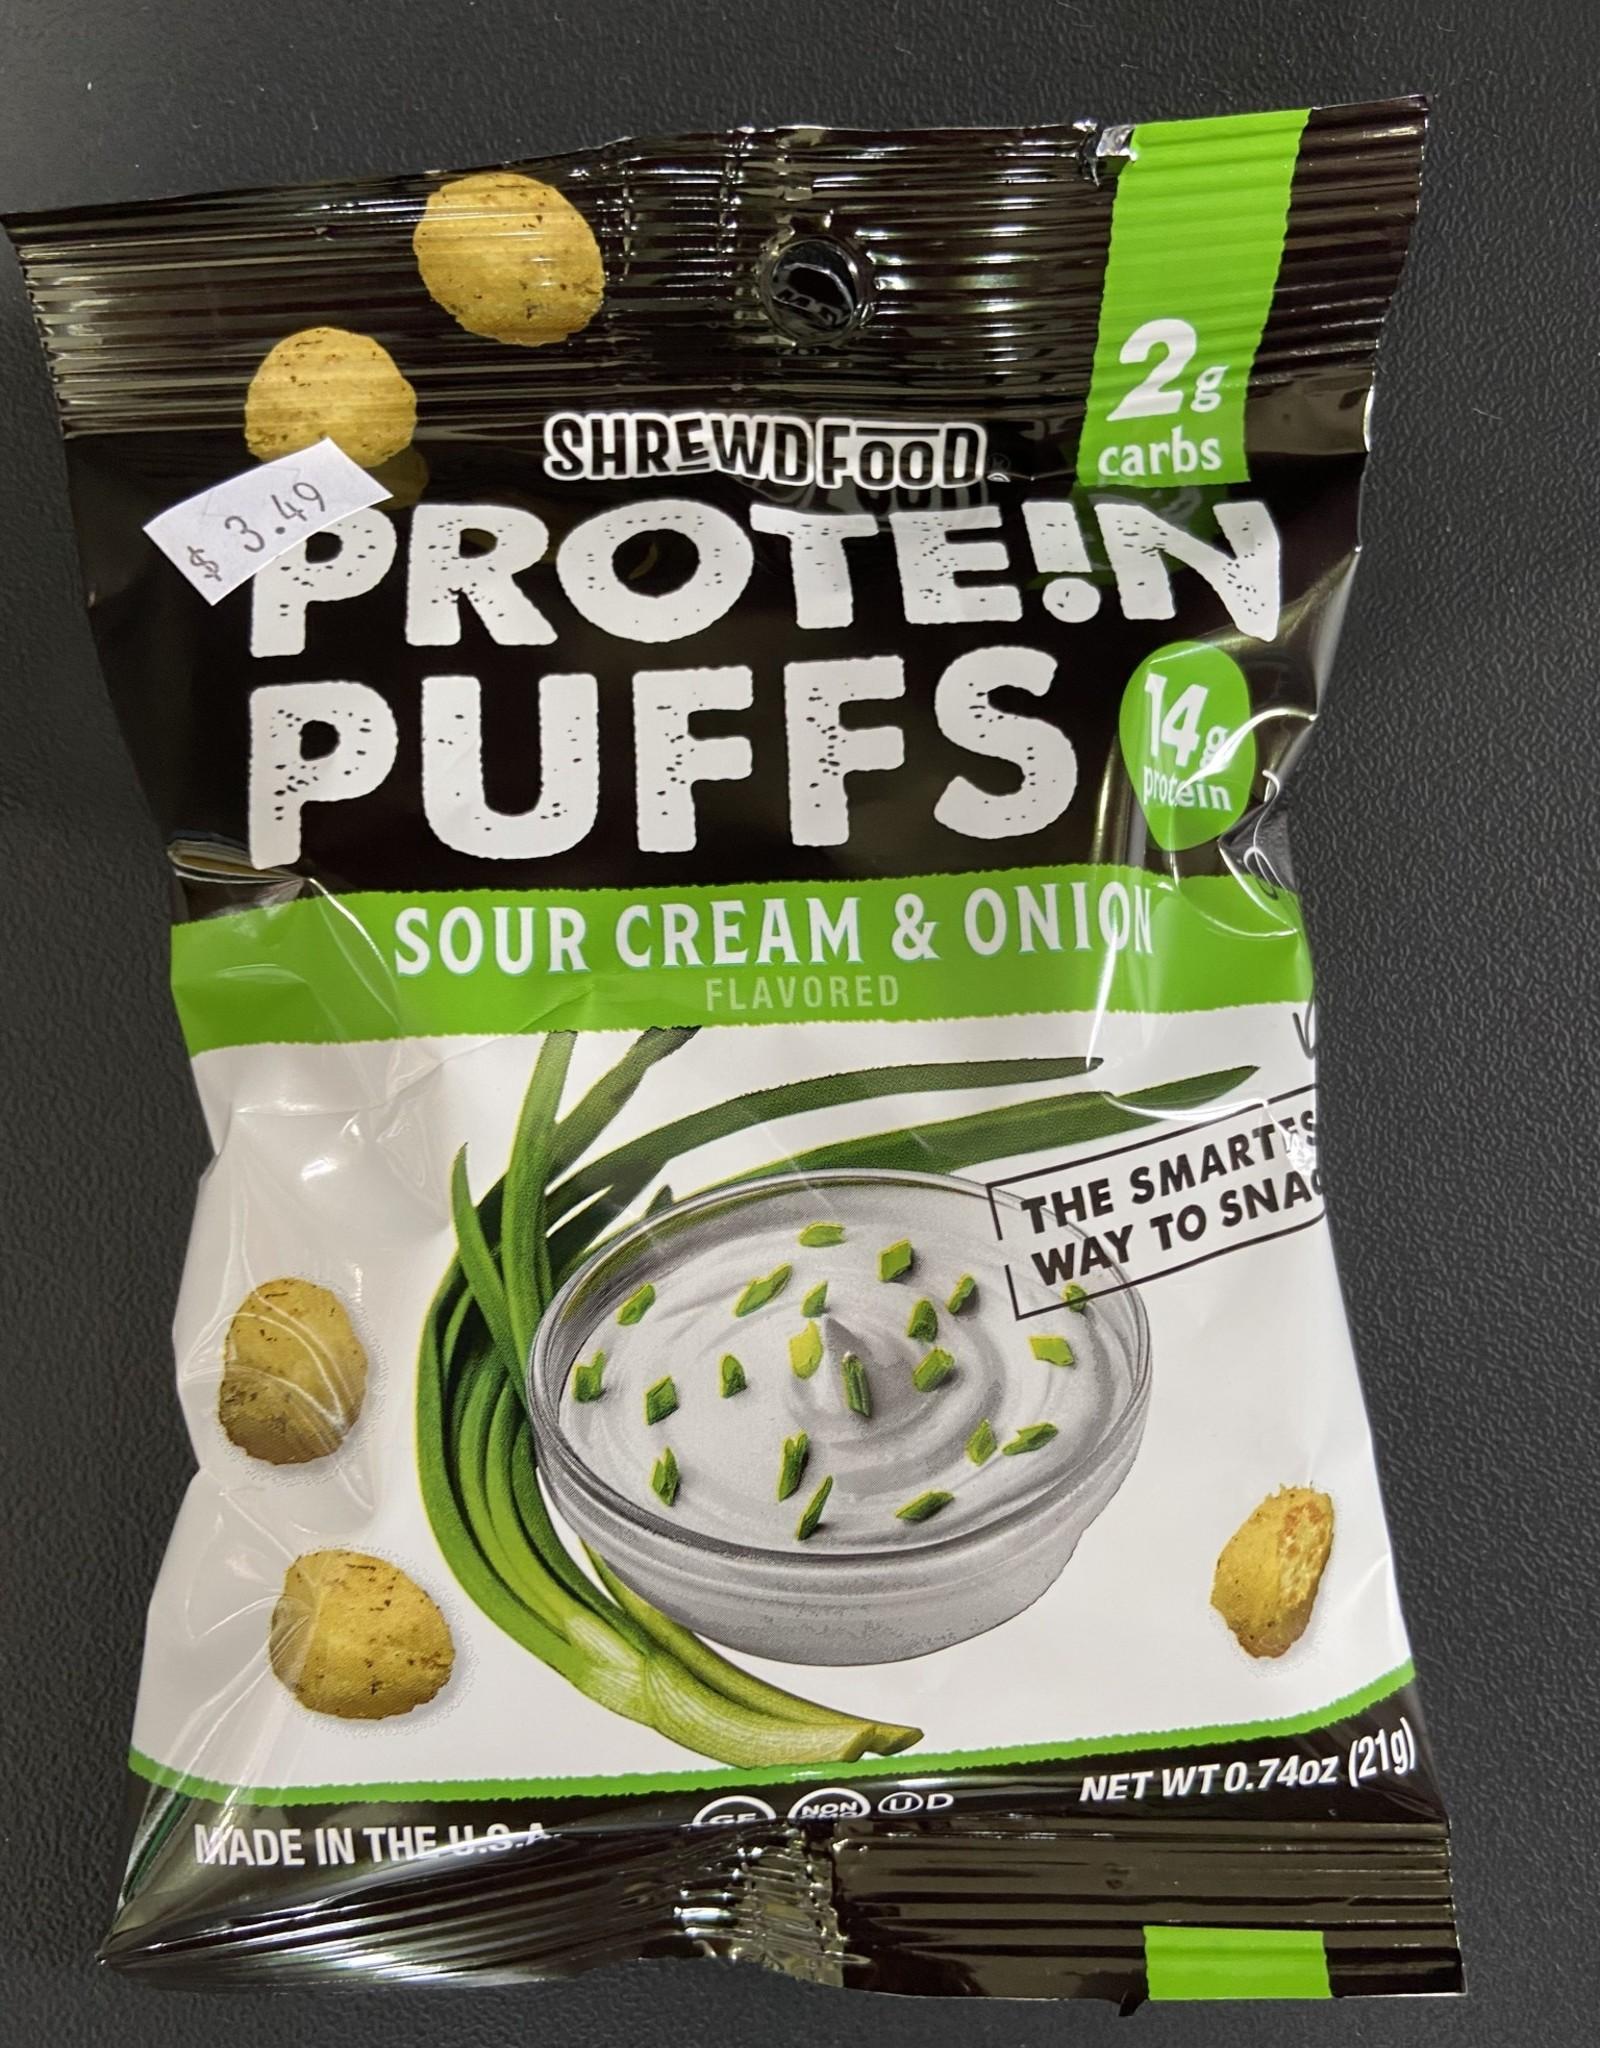 Shrewd Food Shrewd Food - Protein Puffs, Sour Cream & Onion, 21g